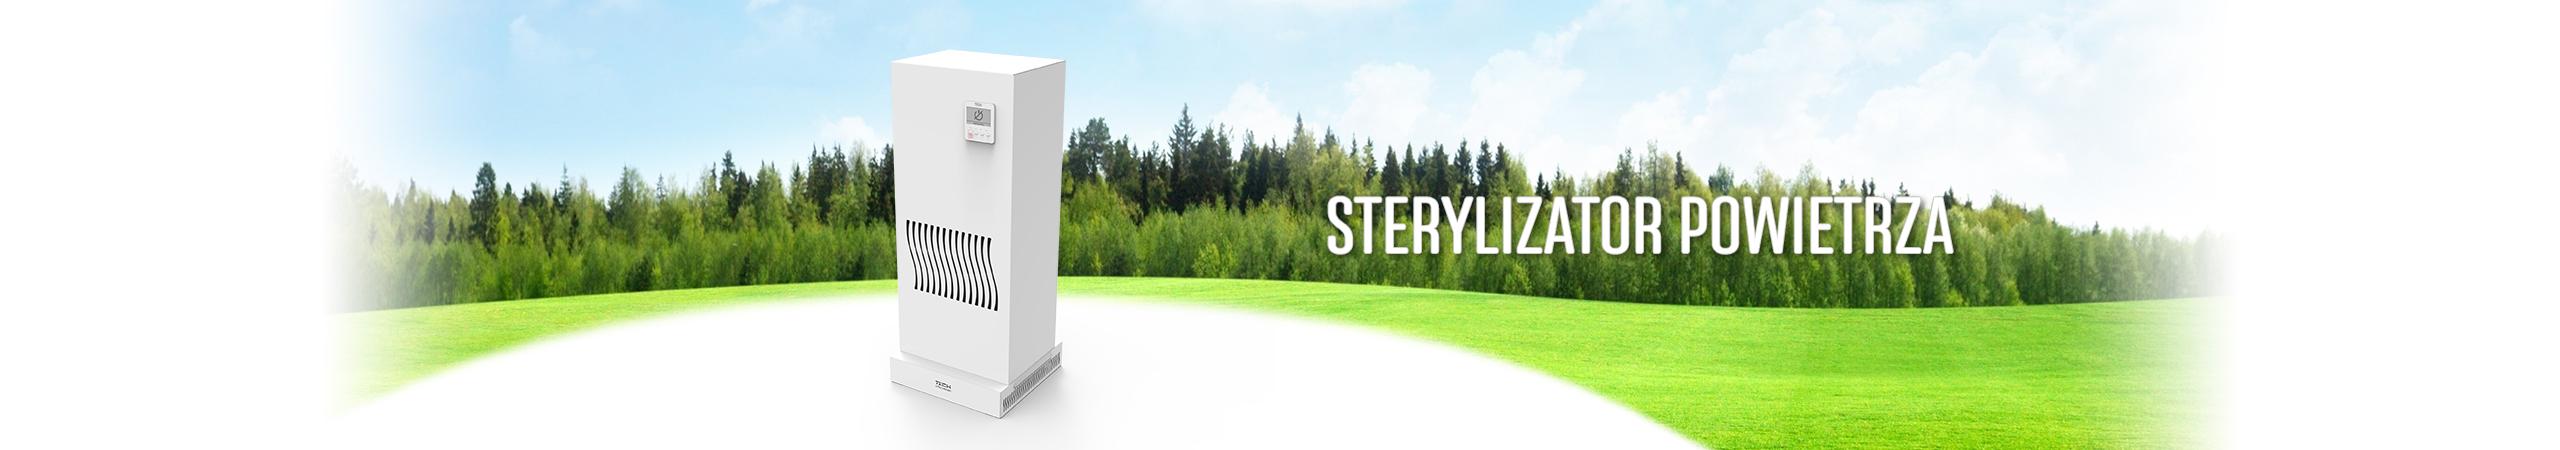 Sterylizator powietrza - TECH Sterowniki